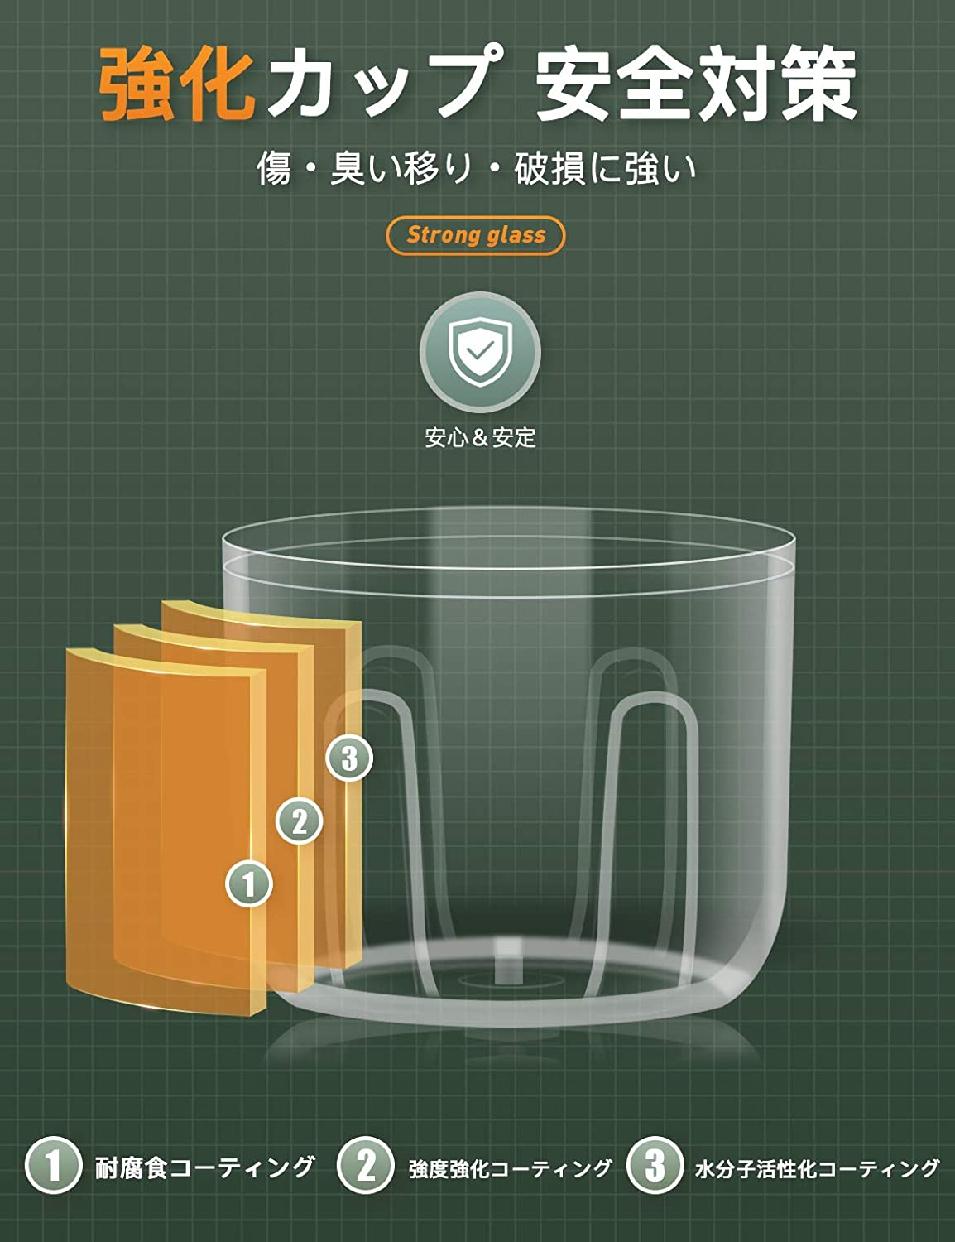 OYUNKEY(オーワイユーキー)みじん切り器 電動 チョッパーの商品画像7